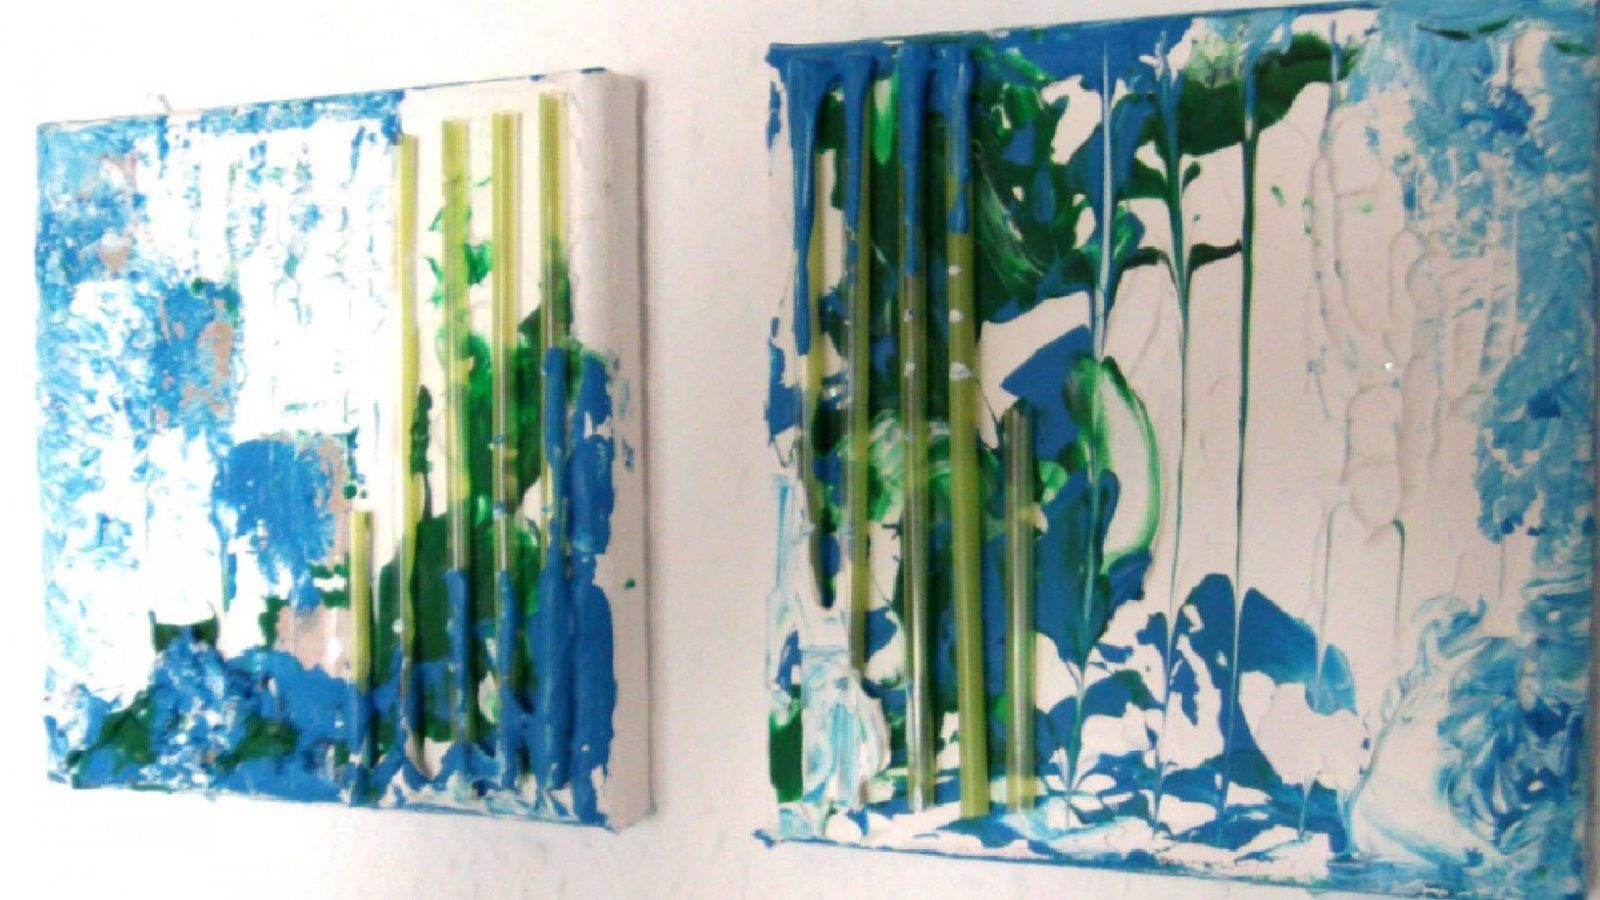 Abstrakt Malen Mit Acryl (Abstract Painting With Acrylic)[Hd]  Youtube von Acrylbilder Mit Strukturpaste Anleitung Bild